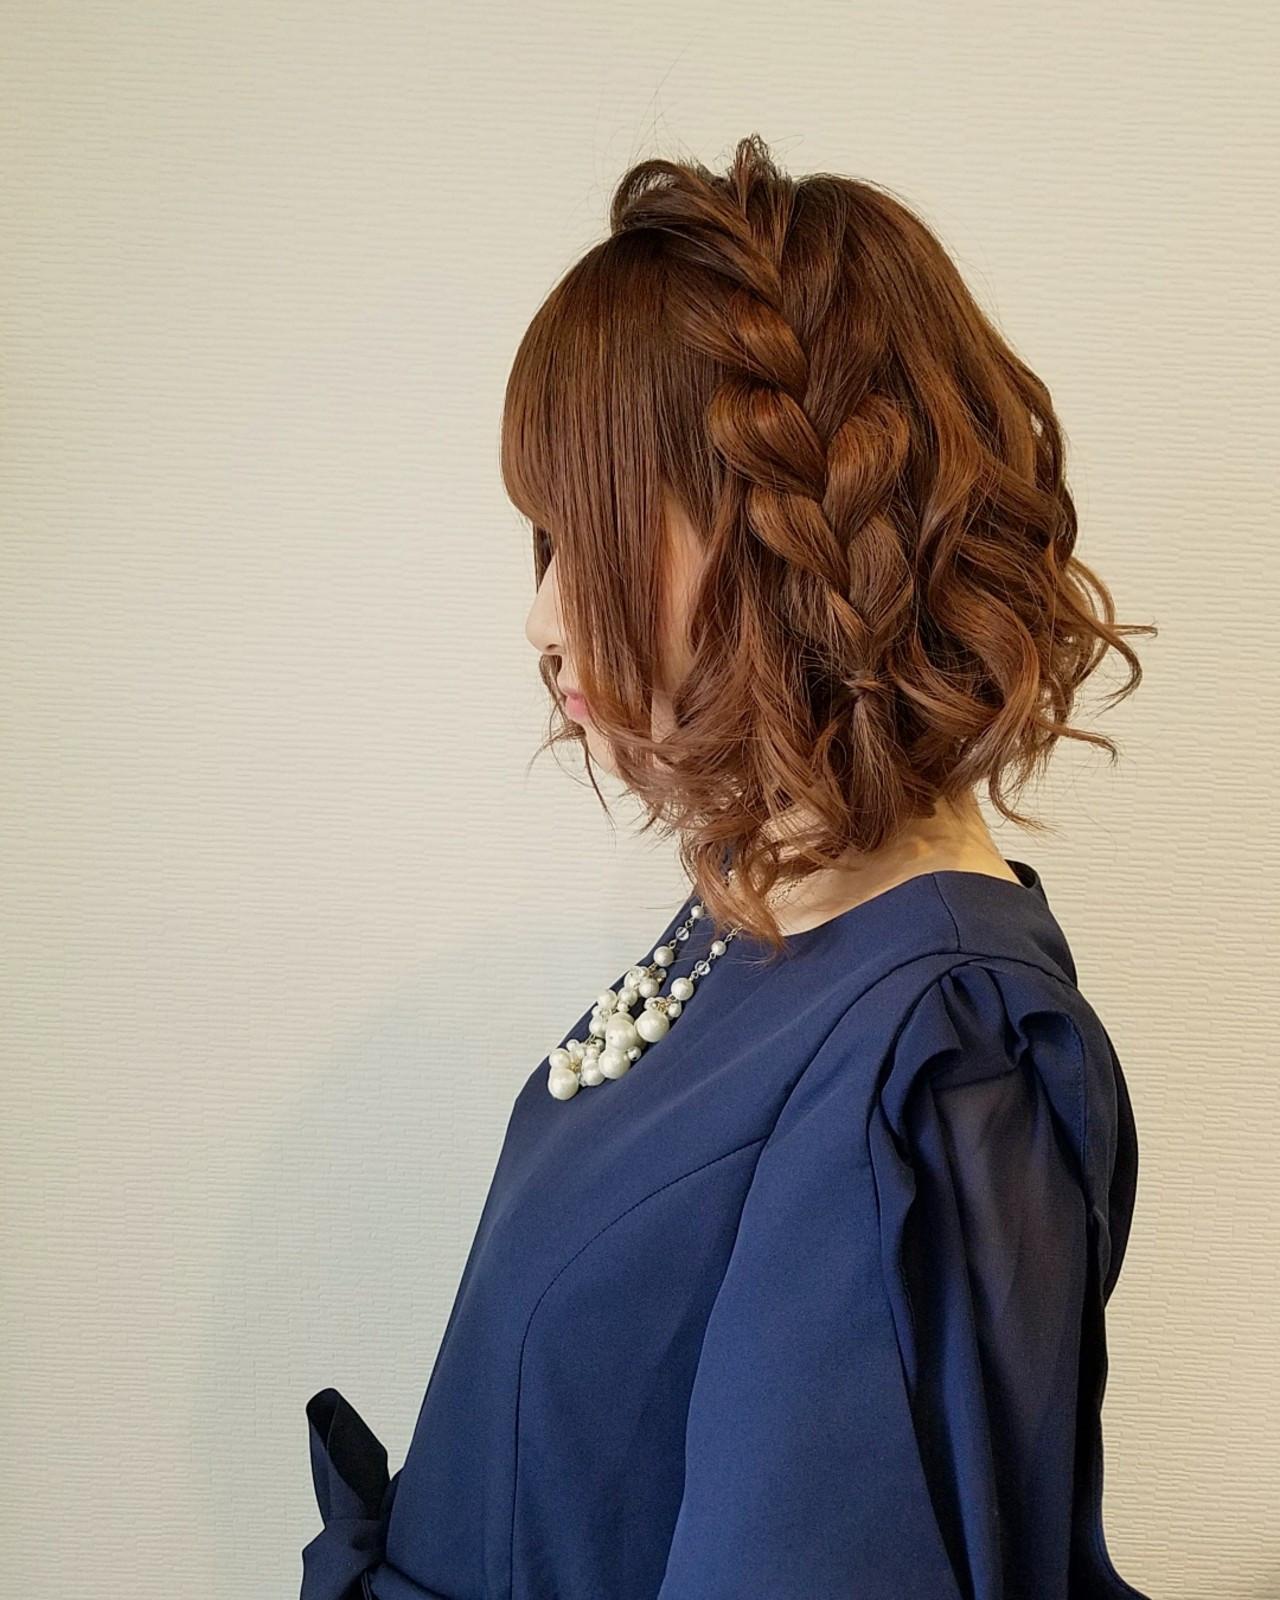 サイド太めの三つ編みで簡単ハーフアップ mai | HAIR SALON STELLA